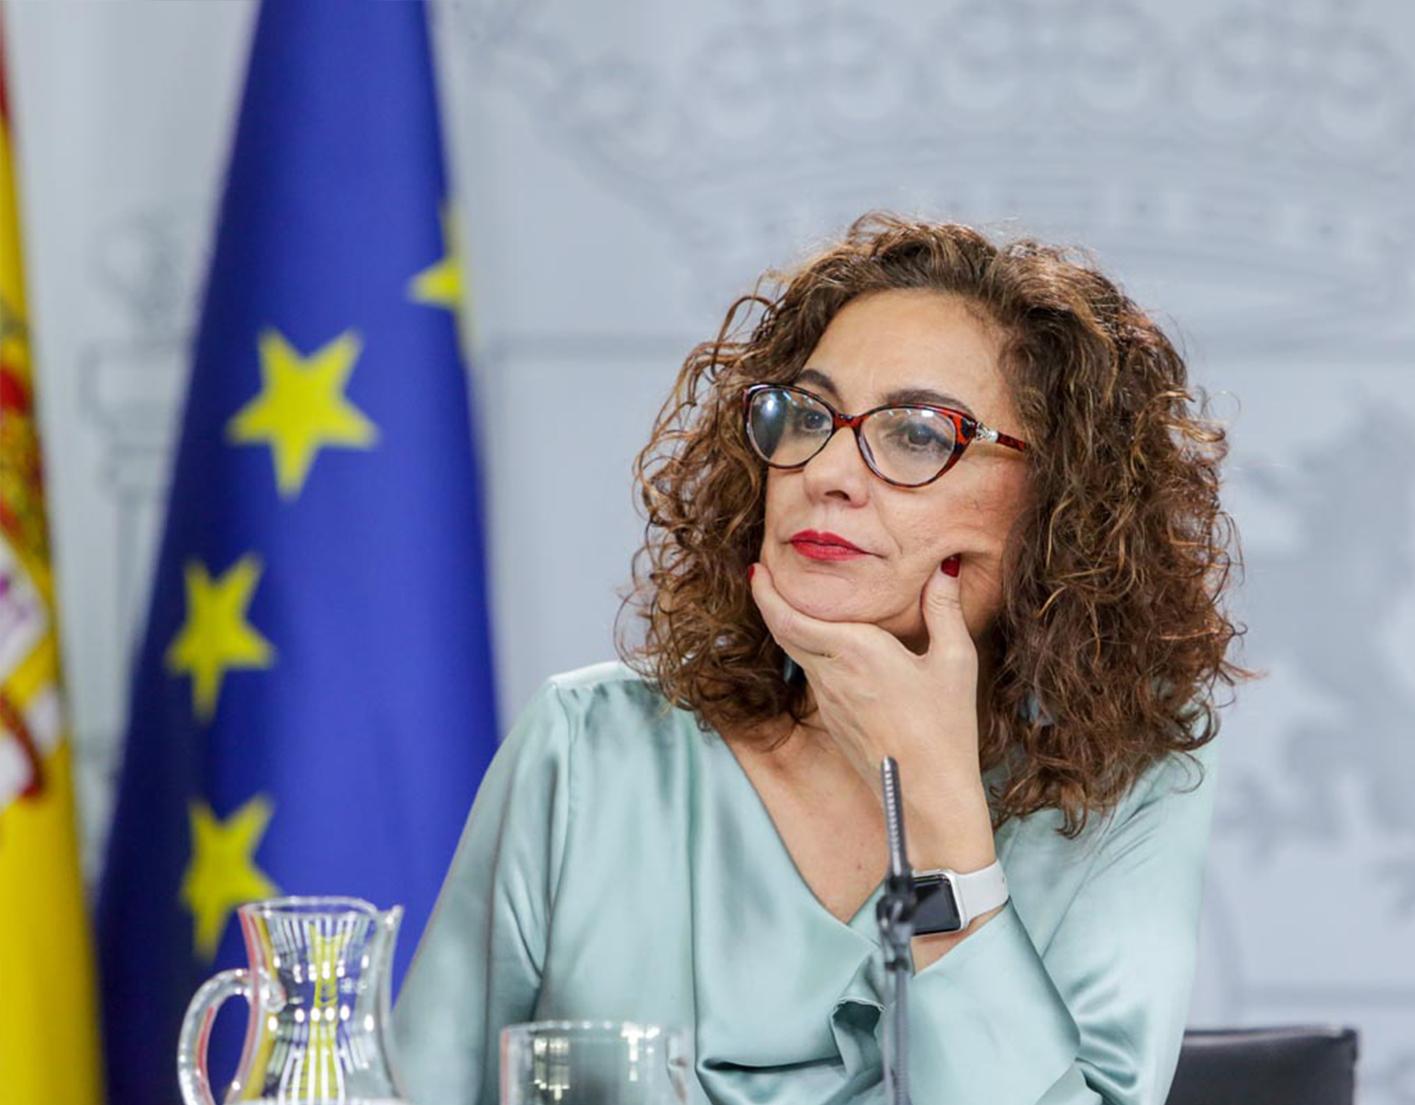 «El 720 morirá matando»: Hacienda sigue multando a unos meses de la decisión del Tribunal de Justicia de la UE. Alejandro Del Campo citado por el medio Libre Mercado.